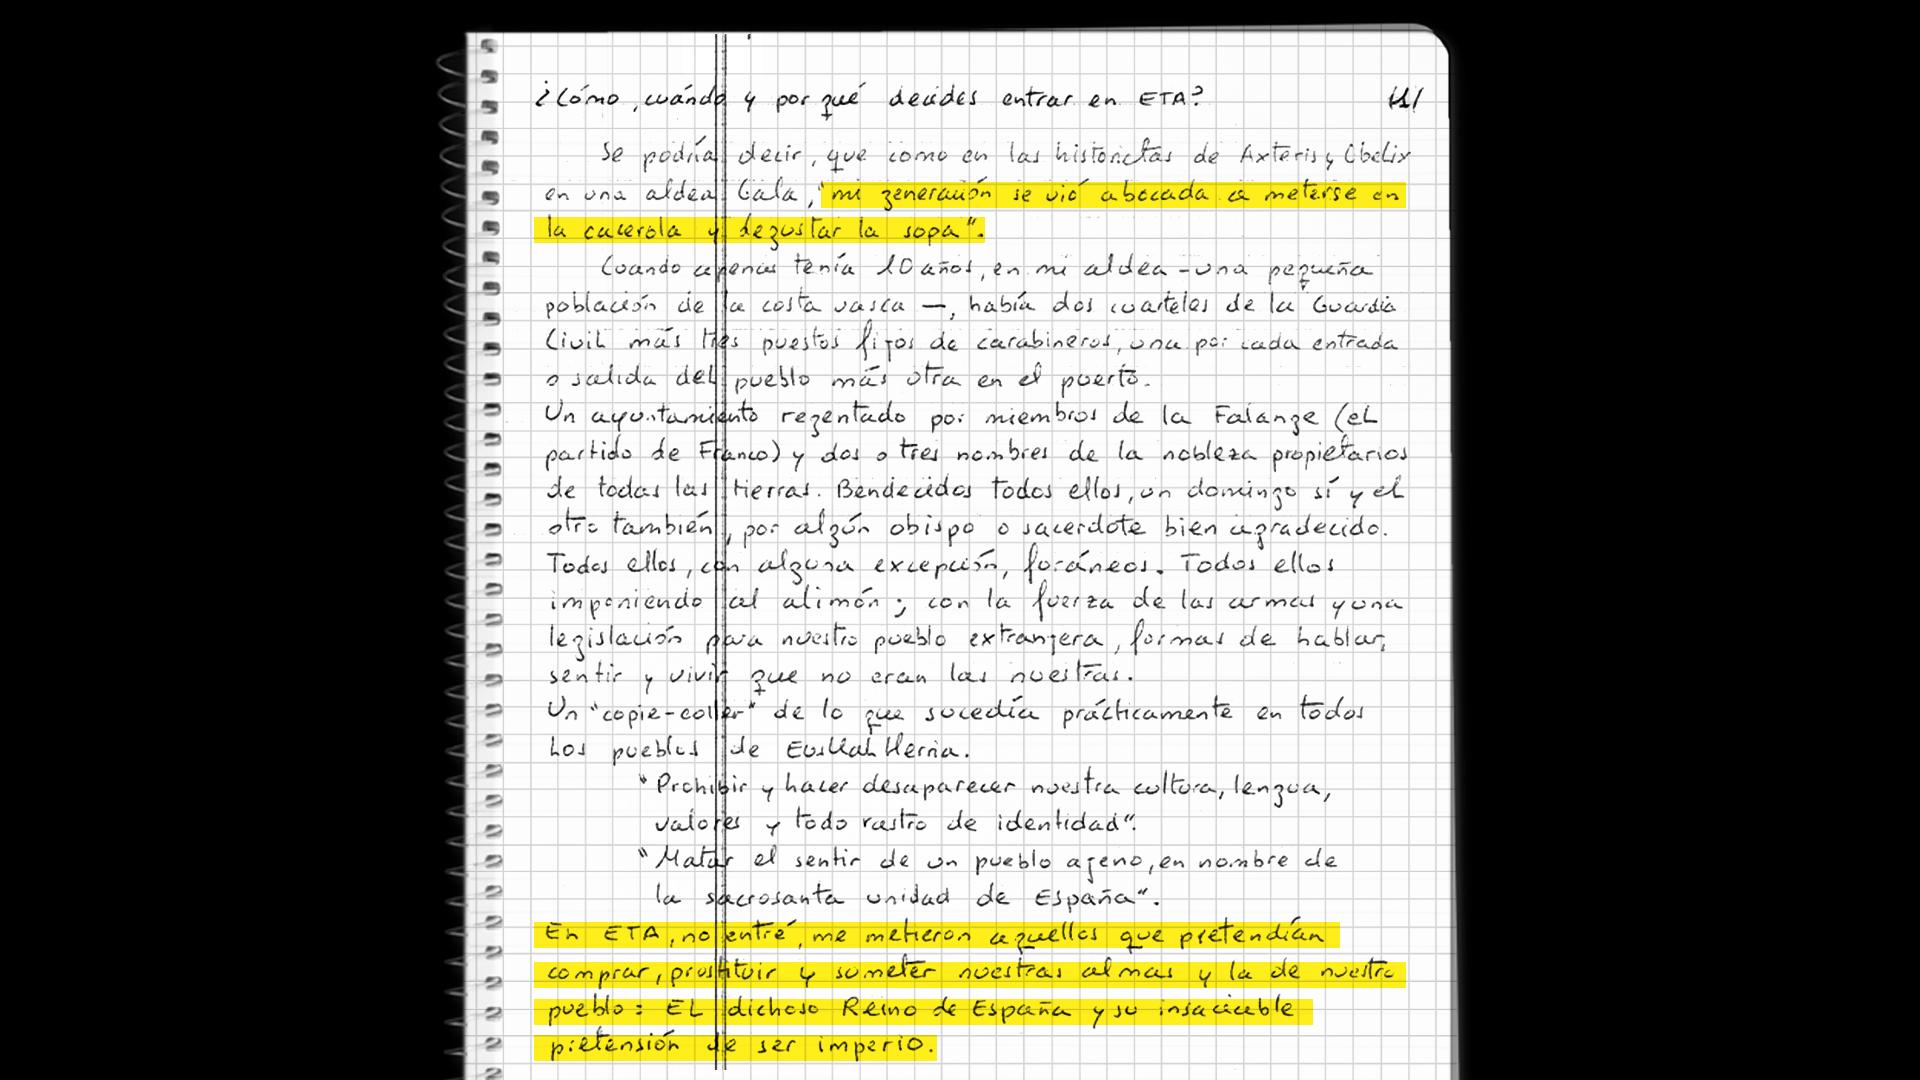 Extracto de la carta de Pototo contestando a las preguntas de los periodistas